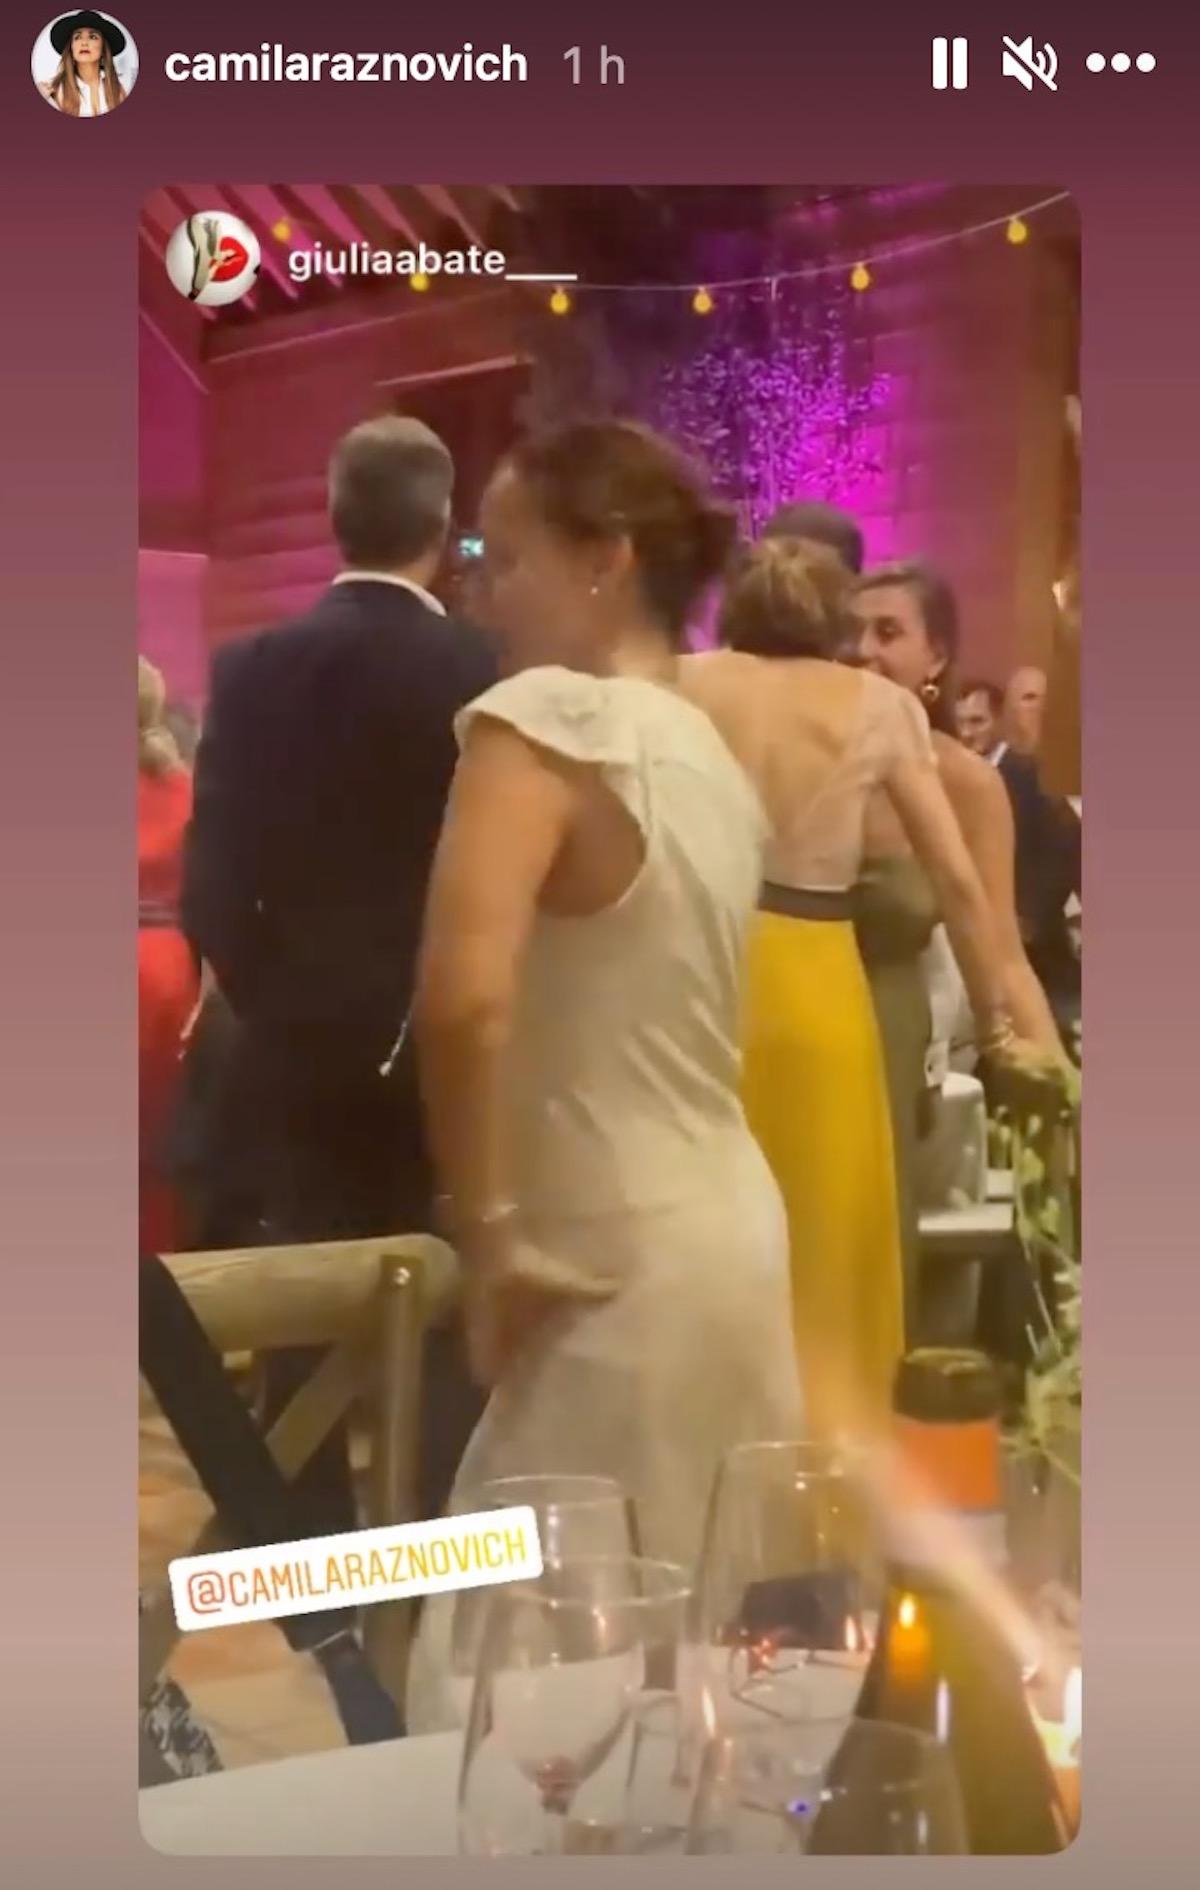 Matrimonio country chic per la conduttrice: ha detto ancora sì, ma stavolta in bianco